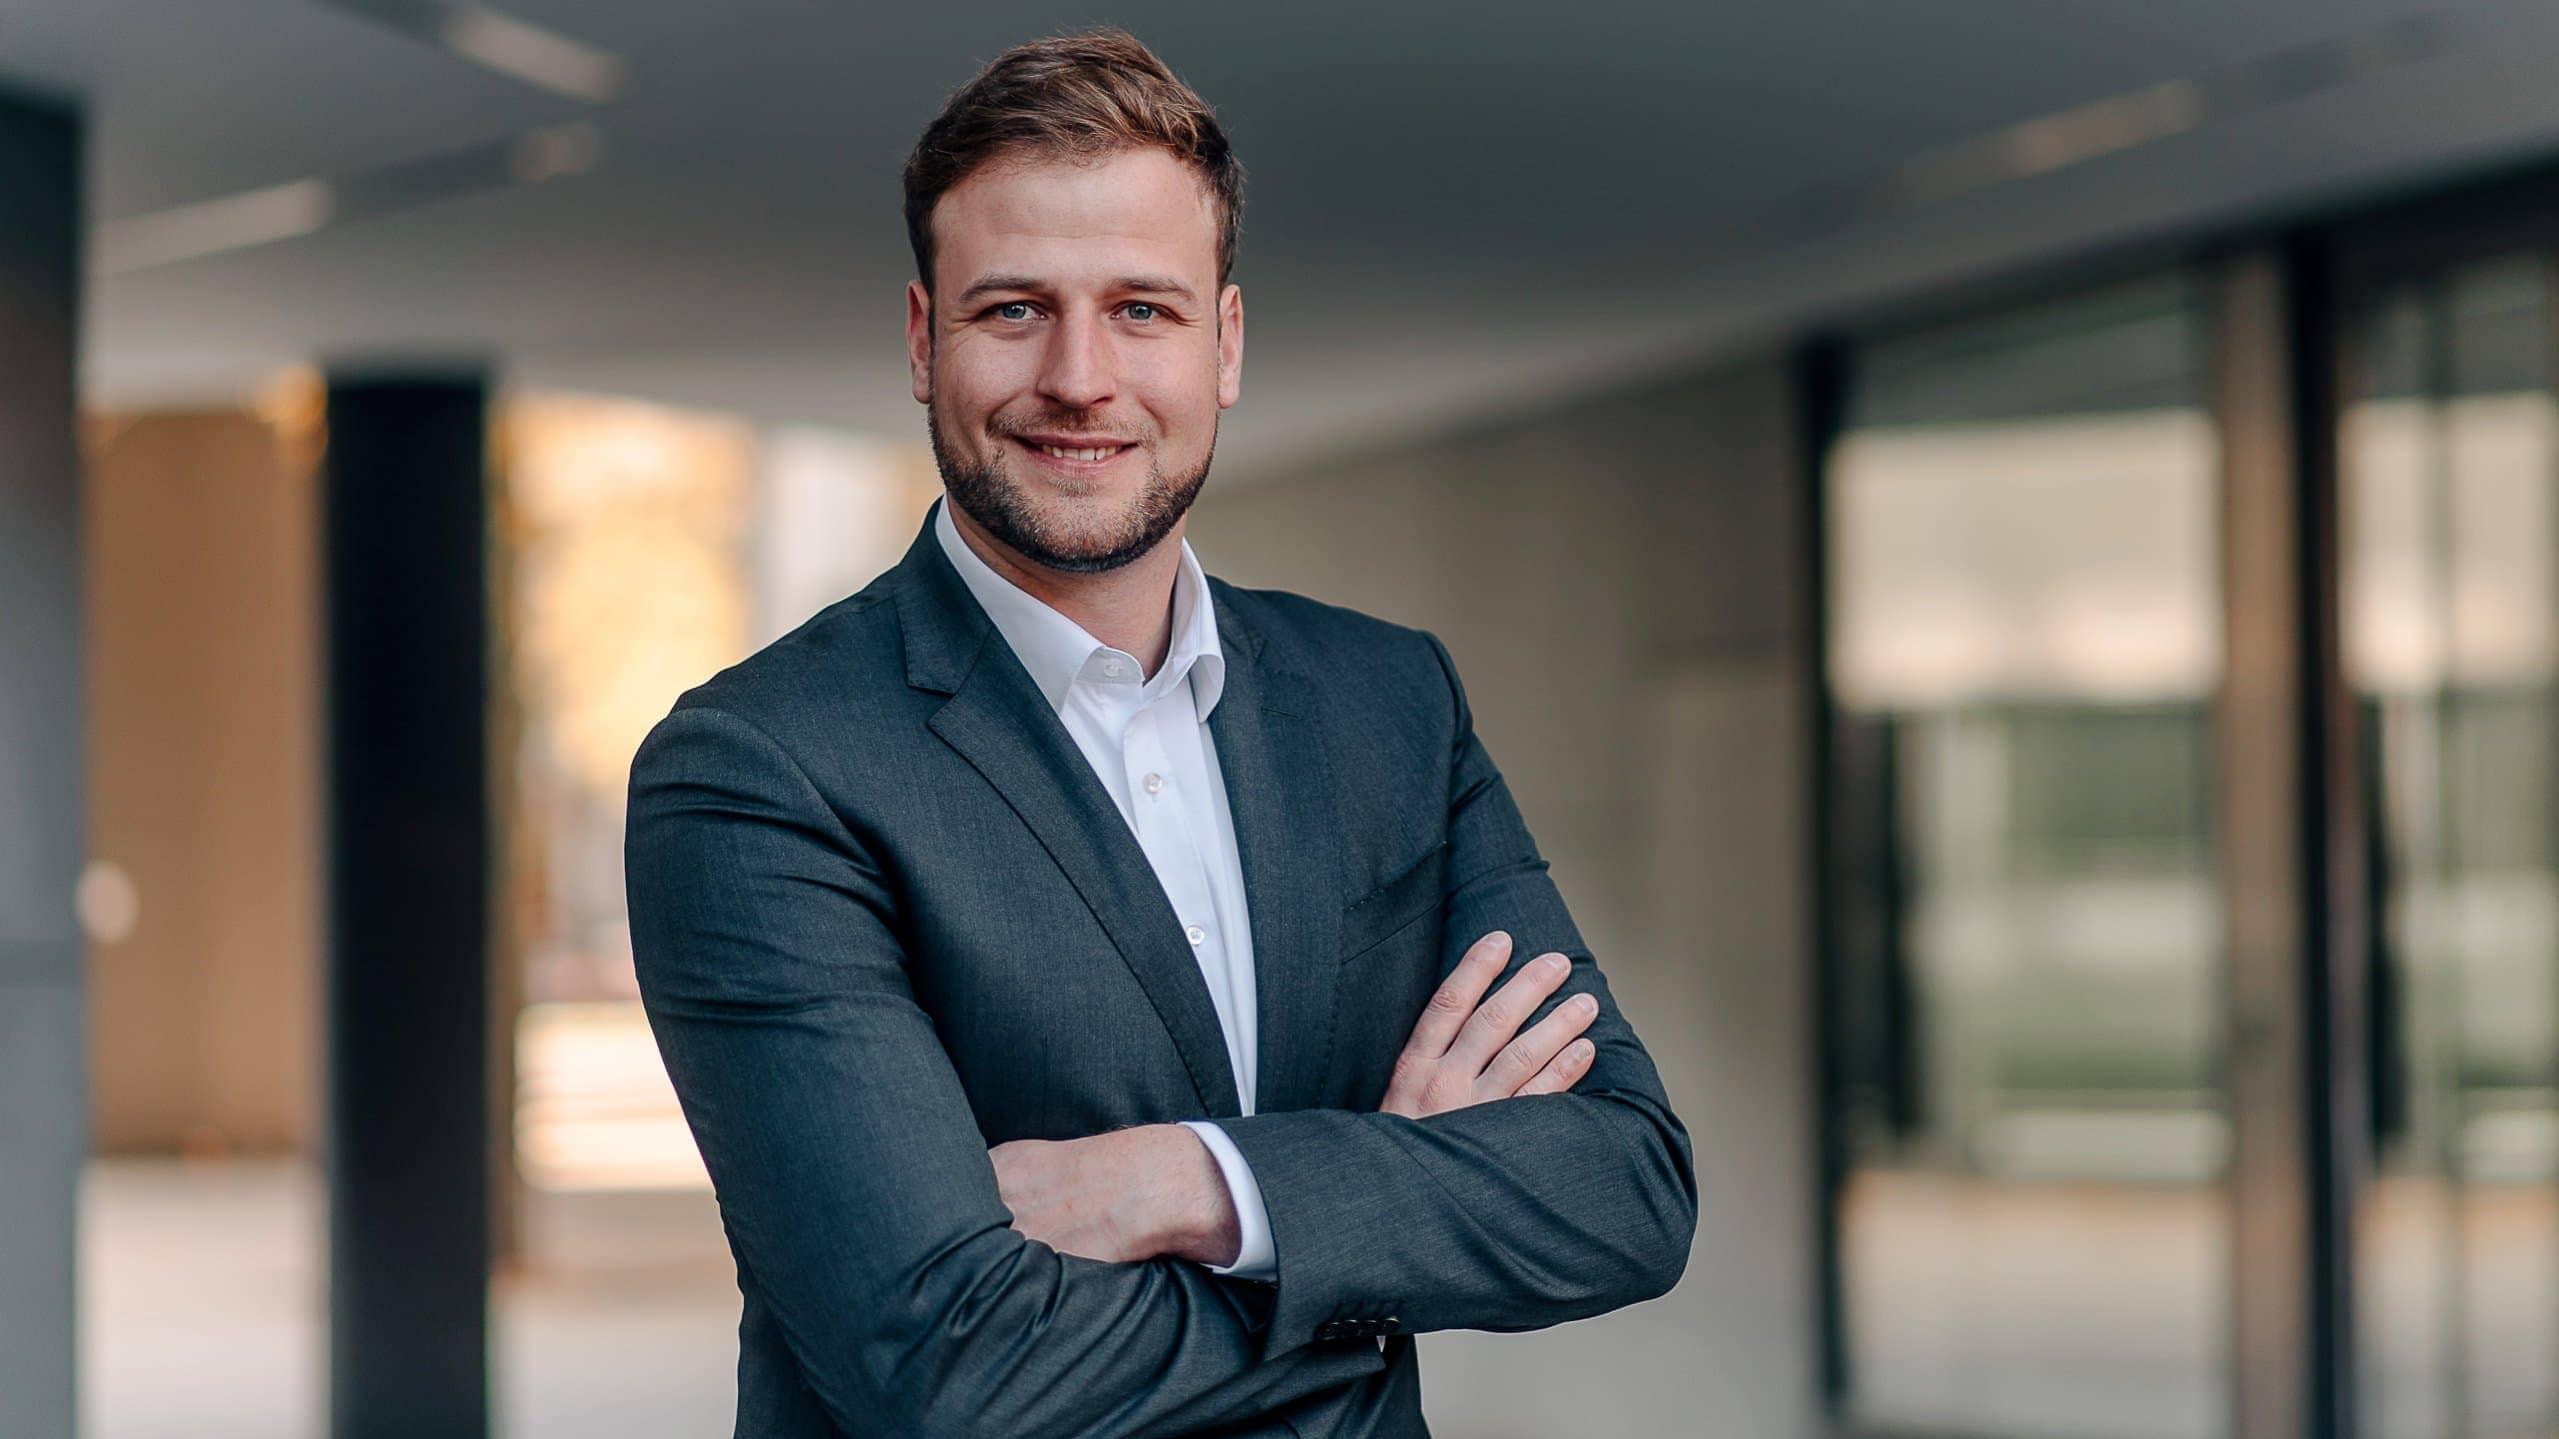 Professionelle Business Und Bewerbungsbilder In München